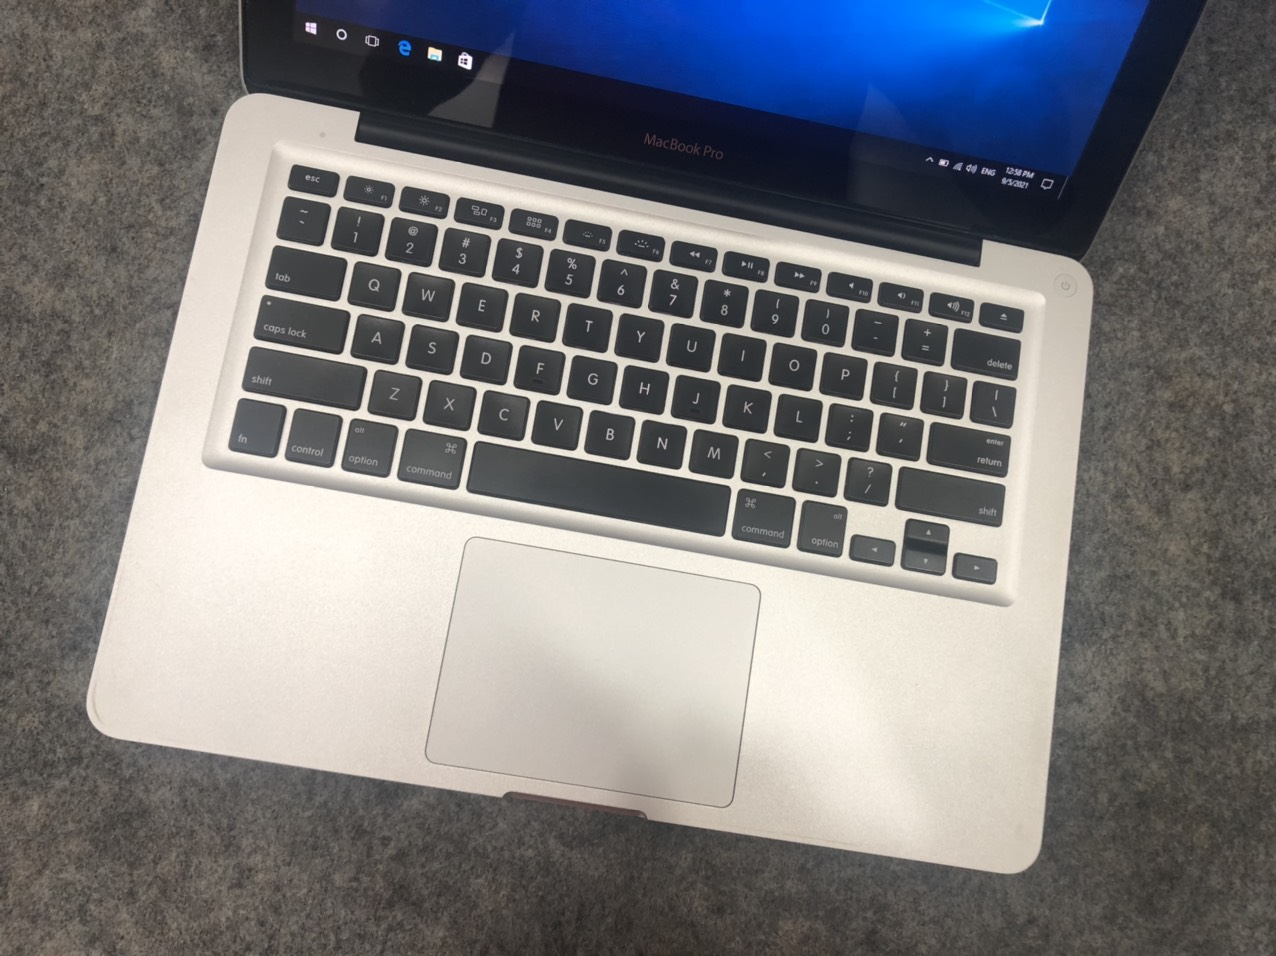 Macbook-pro-2011-core-i5-cu-gia-re-1